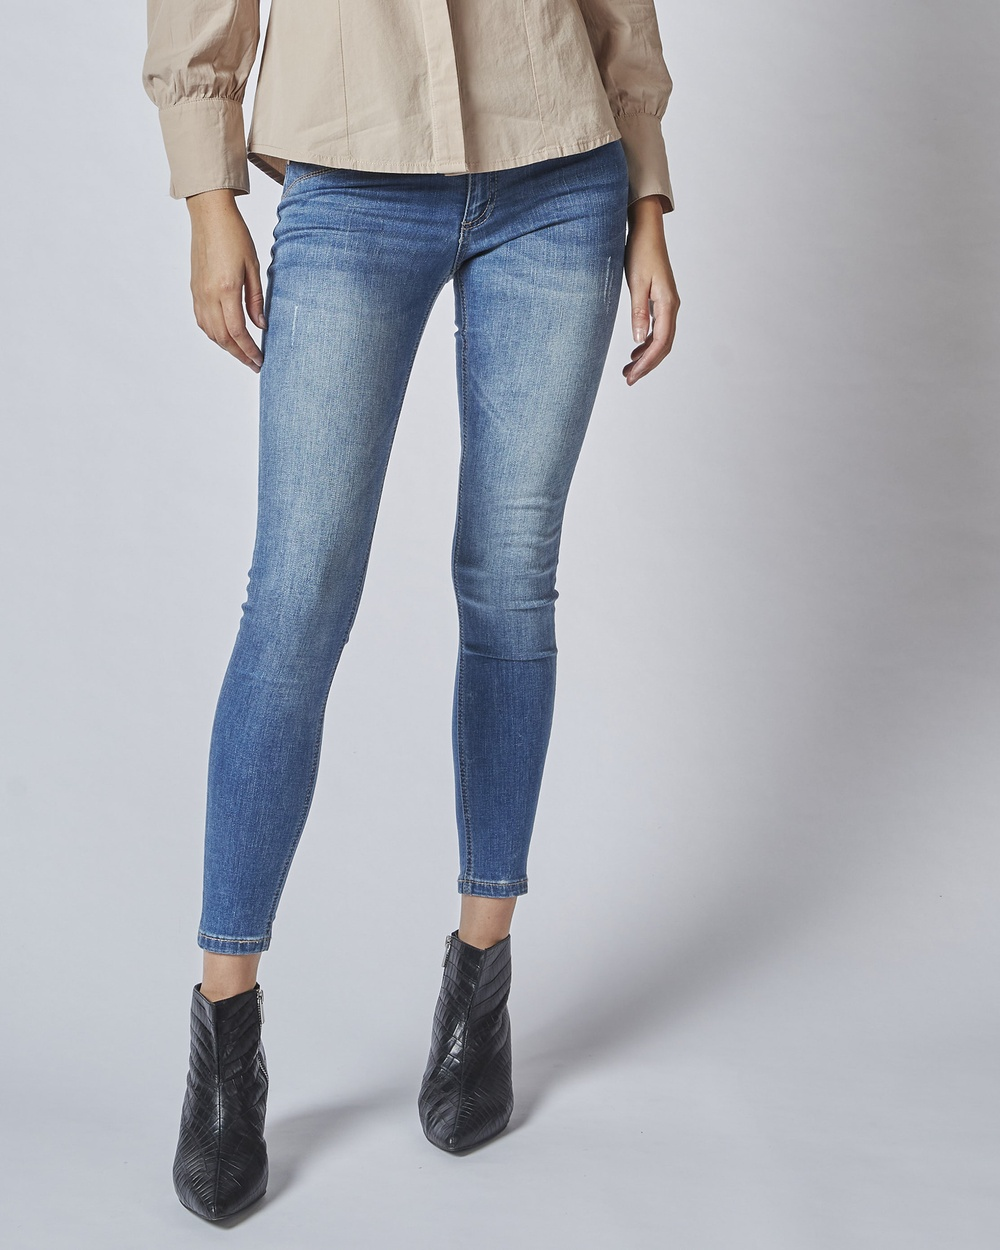 DRICOPER DENIM Lauren Insider Jeans Slim Mountain Blue